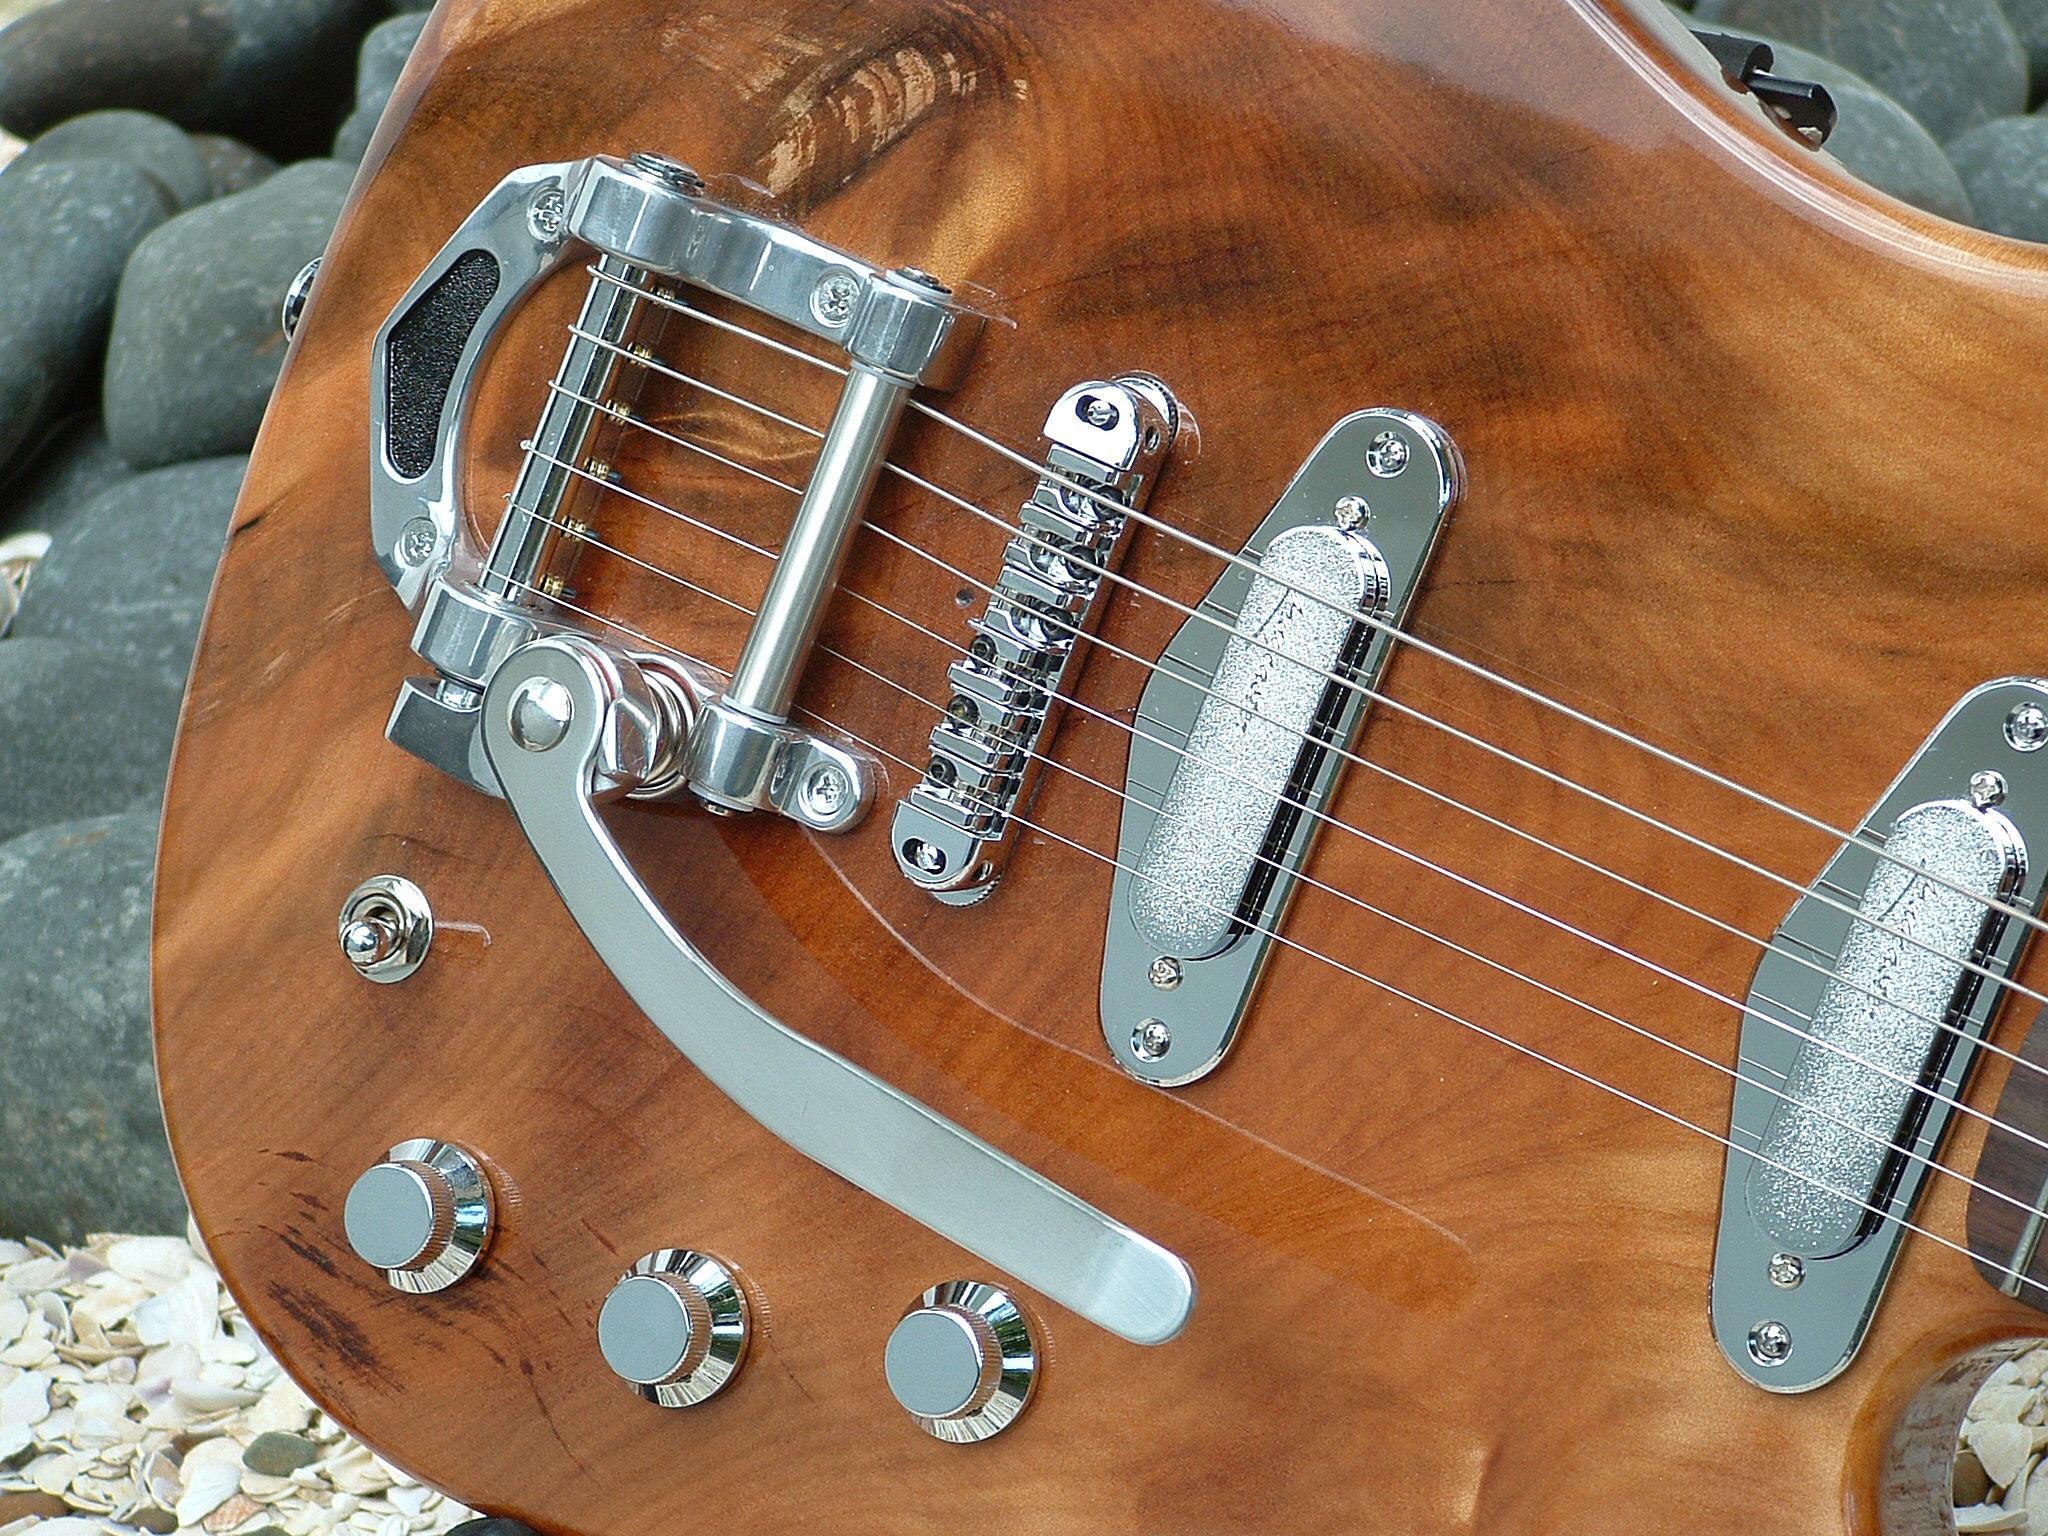 langcaster guitars for sale. Black Bedroom Furniture Sets. Home Design Ideas